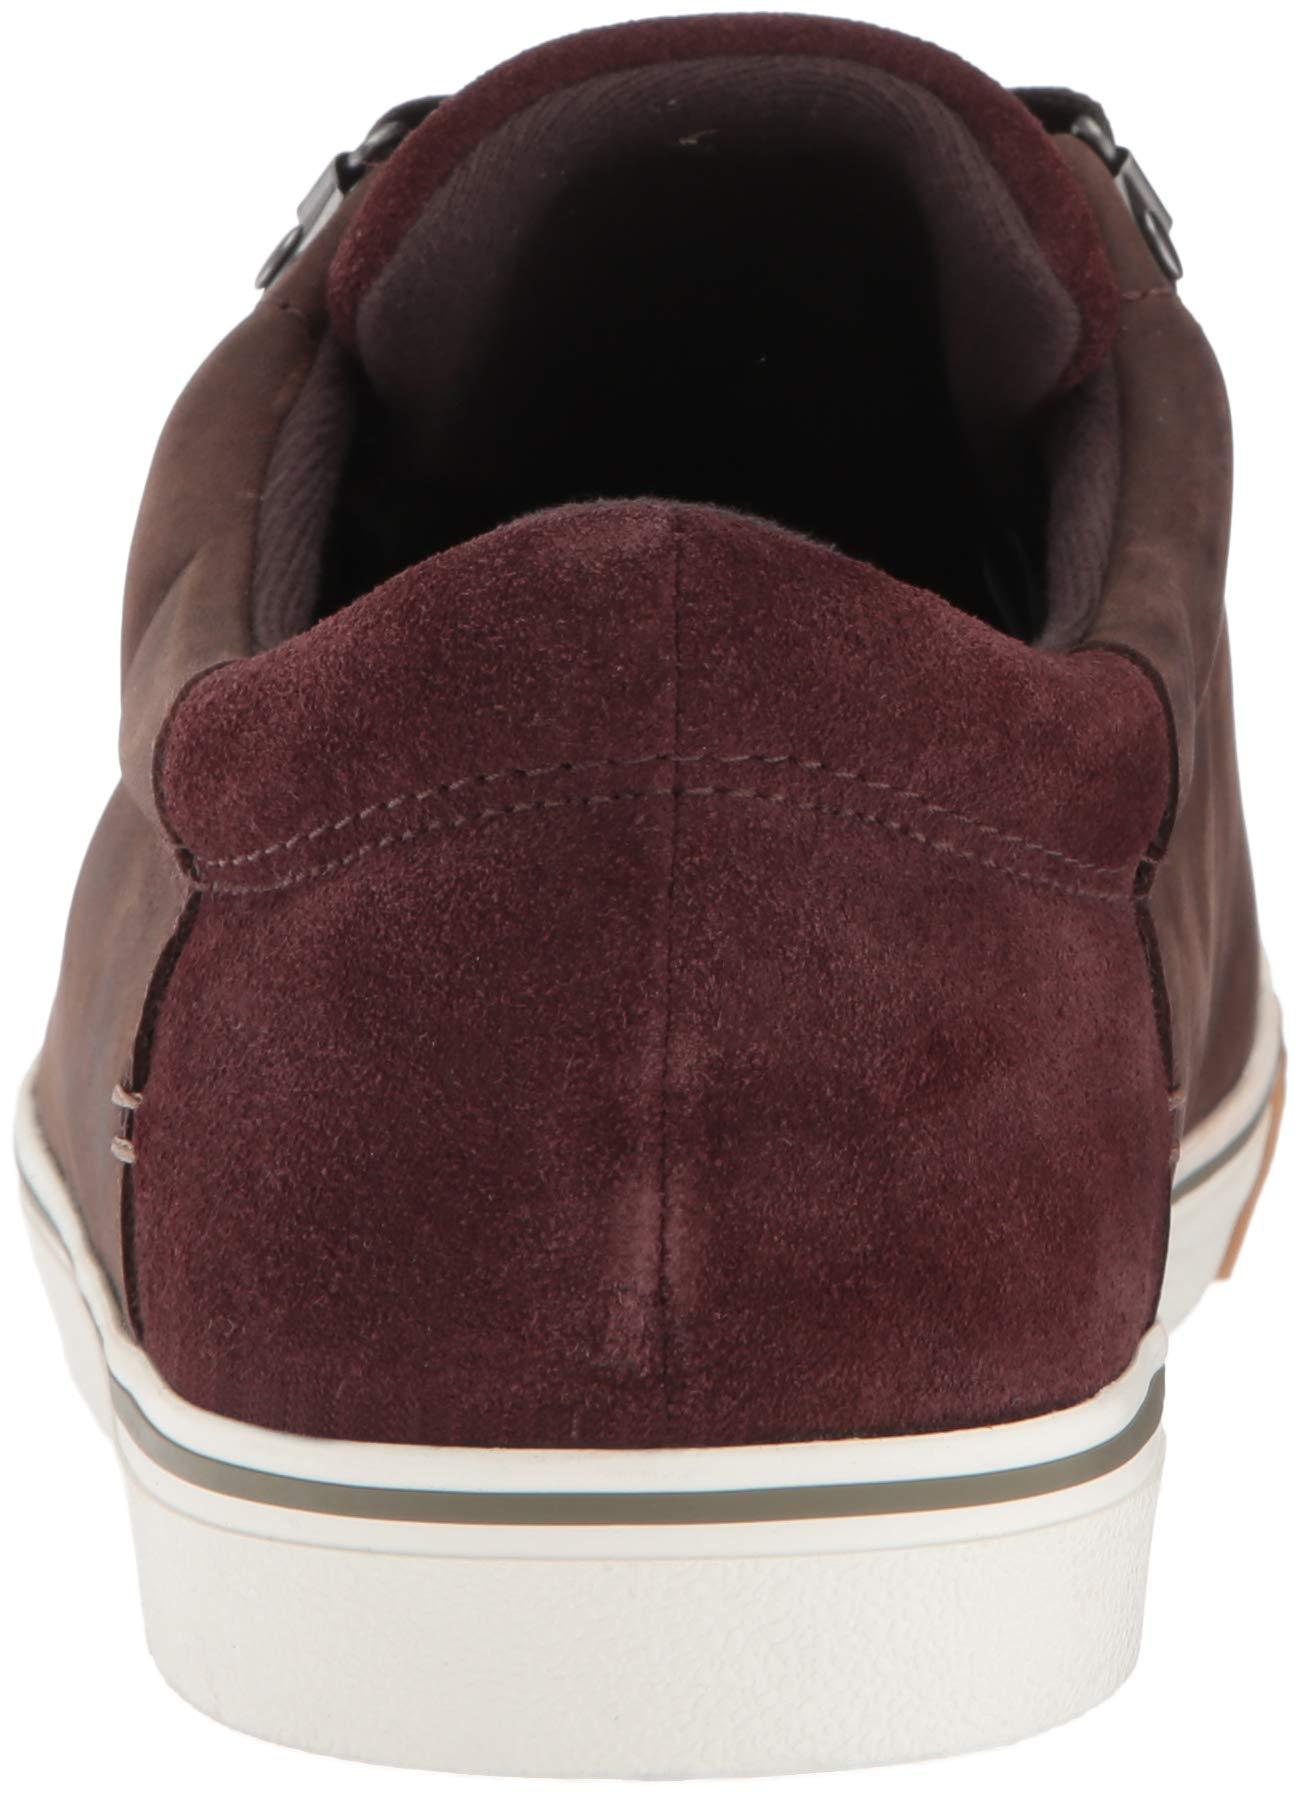 37e5545f5f4 UGG Men s Brock Ii Wp Sneaker